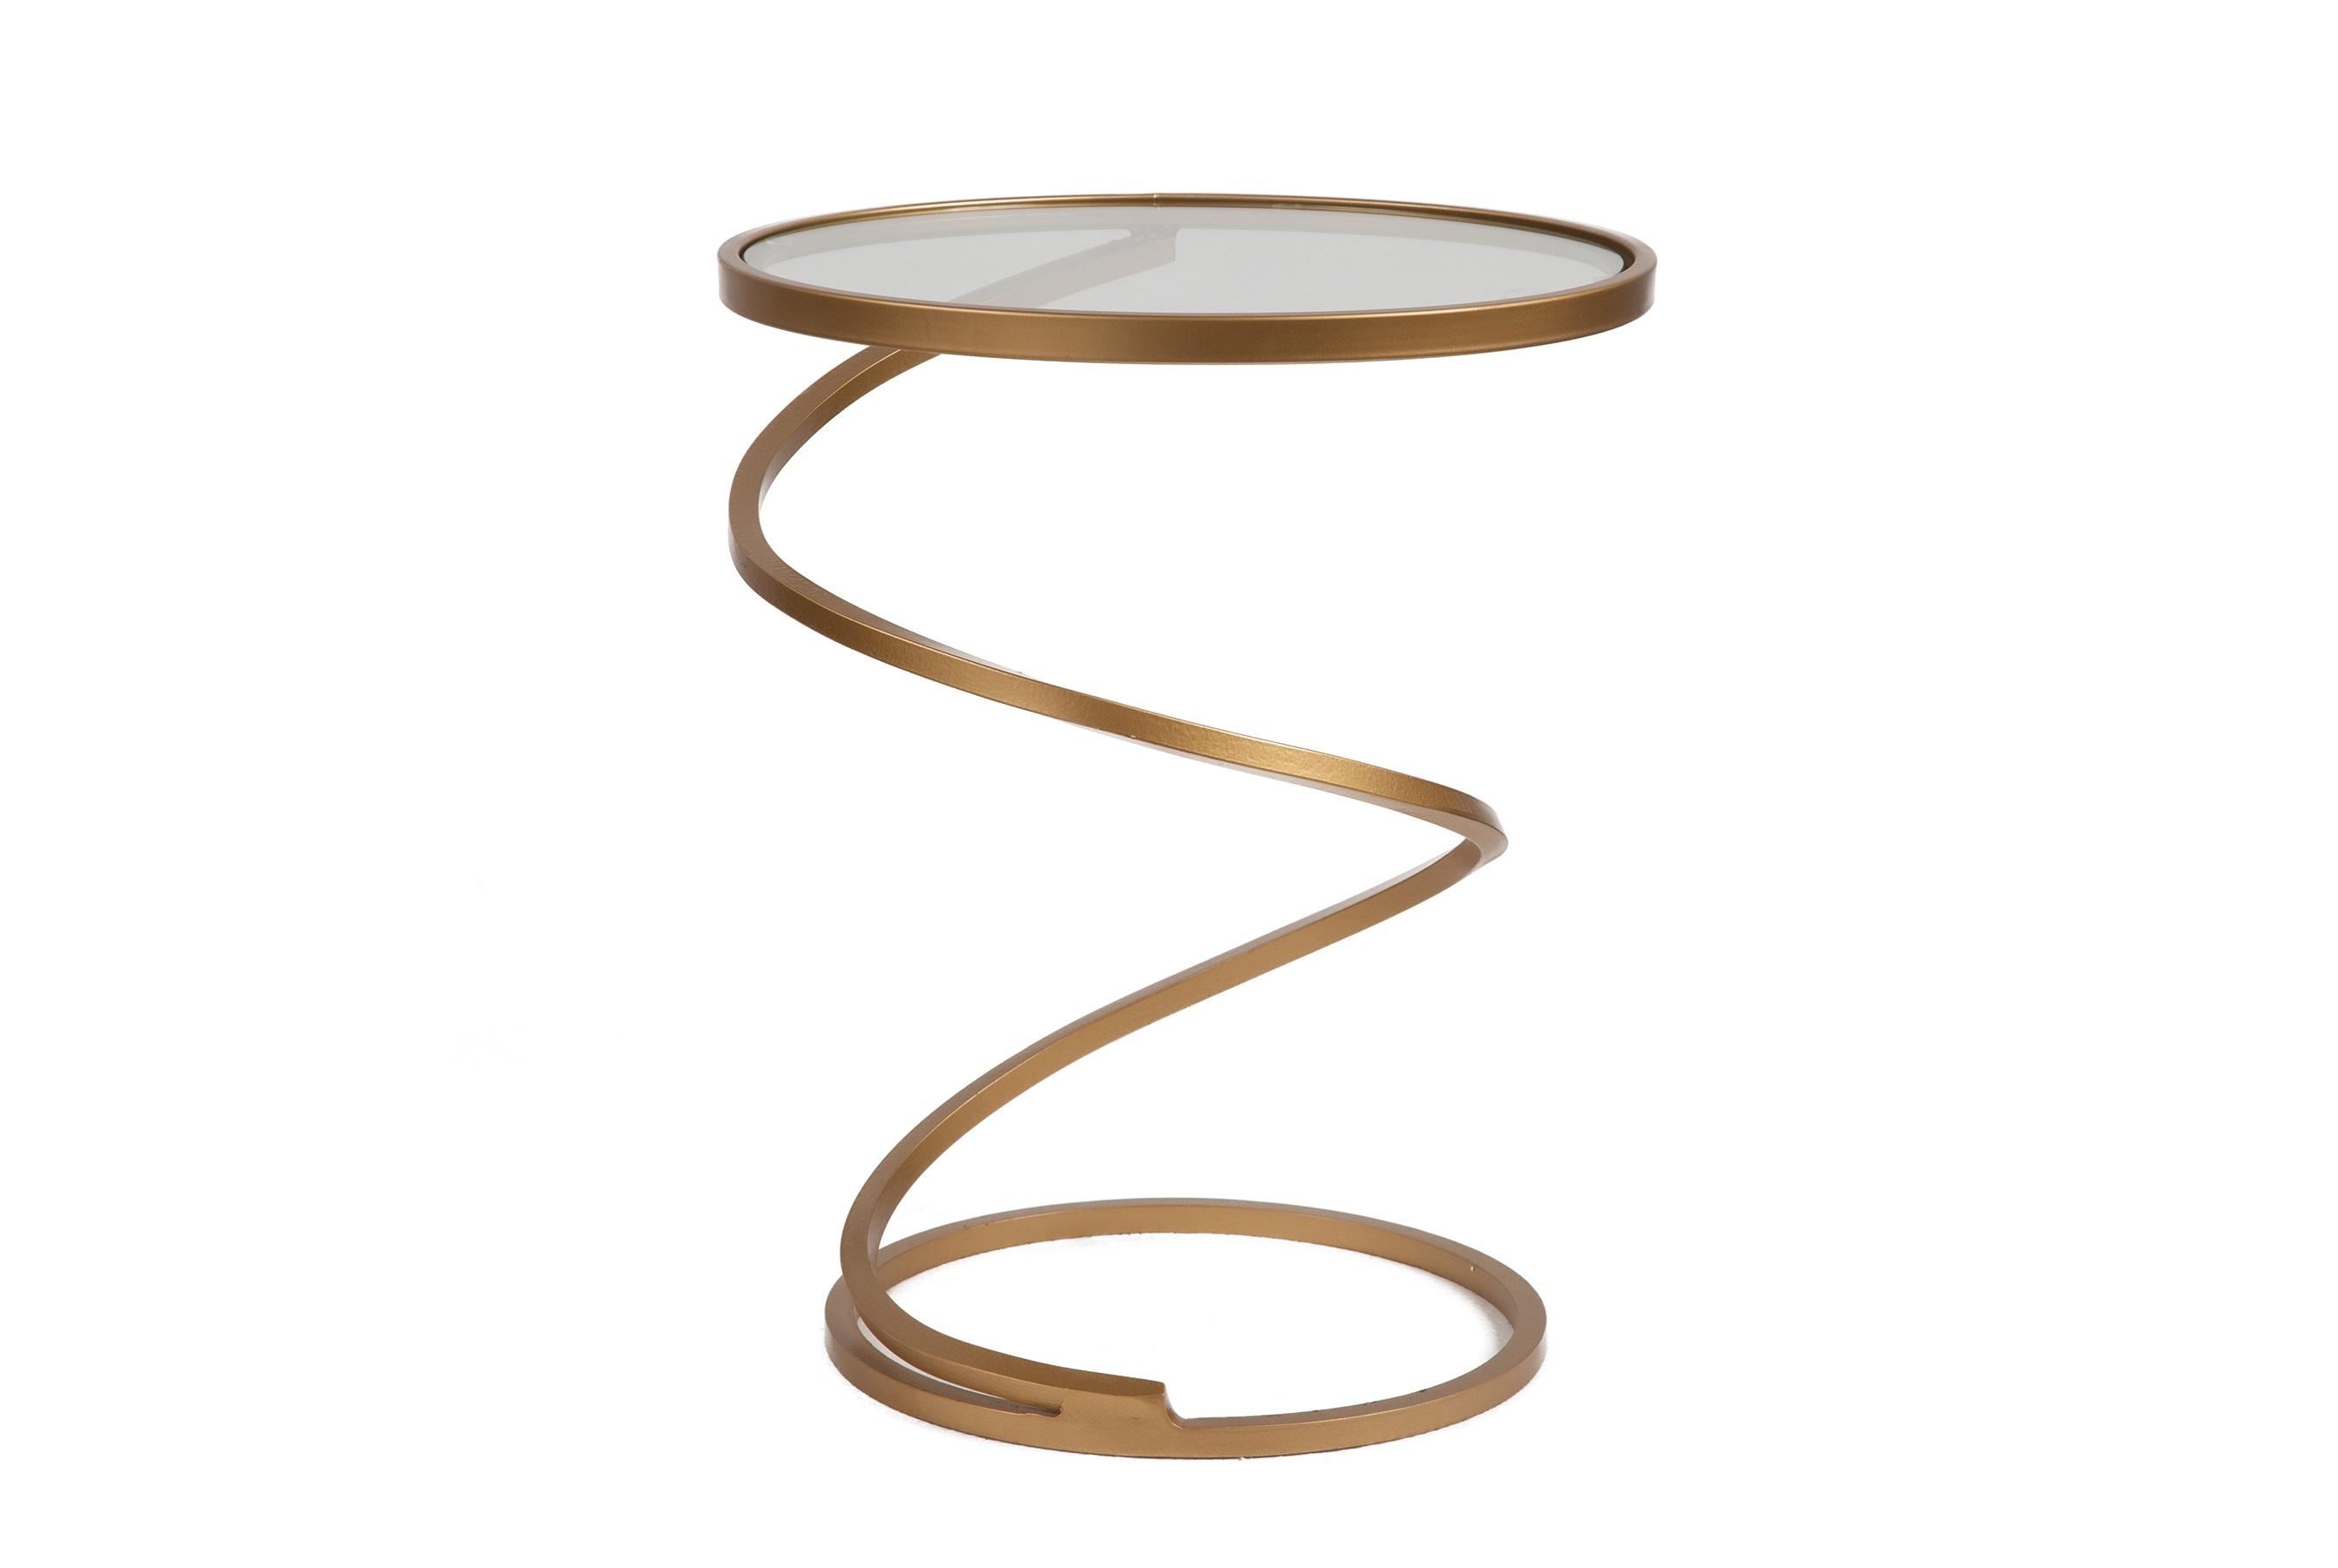 Кофейный столик JoplinКофейные столики<br><br><br>Material: Металл<br>Length см: None<br>Width см: None<br>Height см: 50,5<br>Diameter см: 42